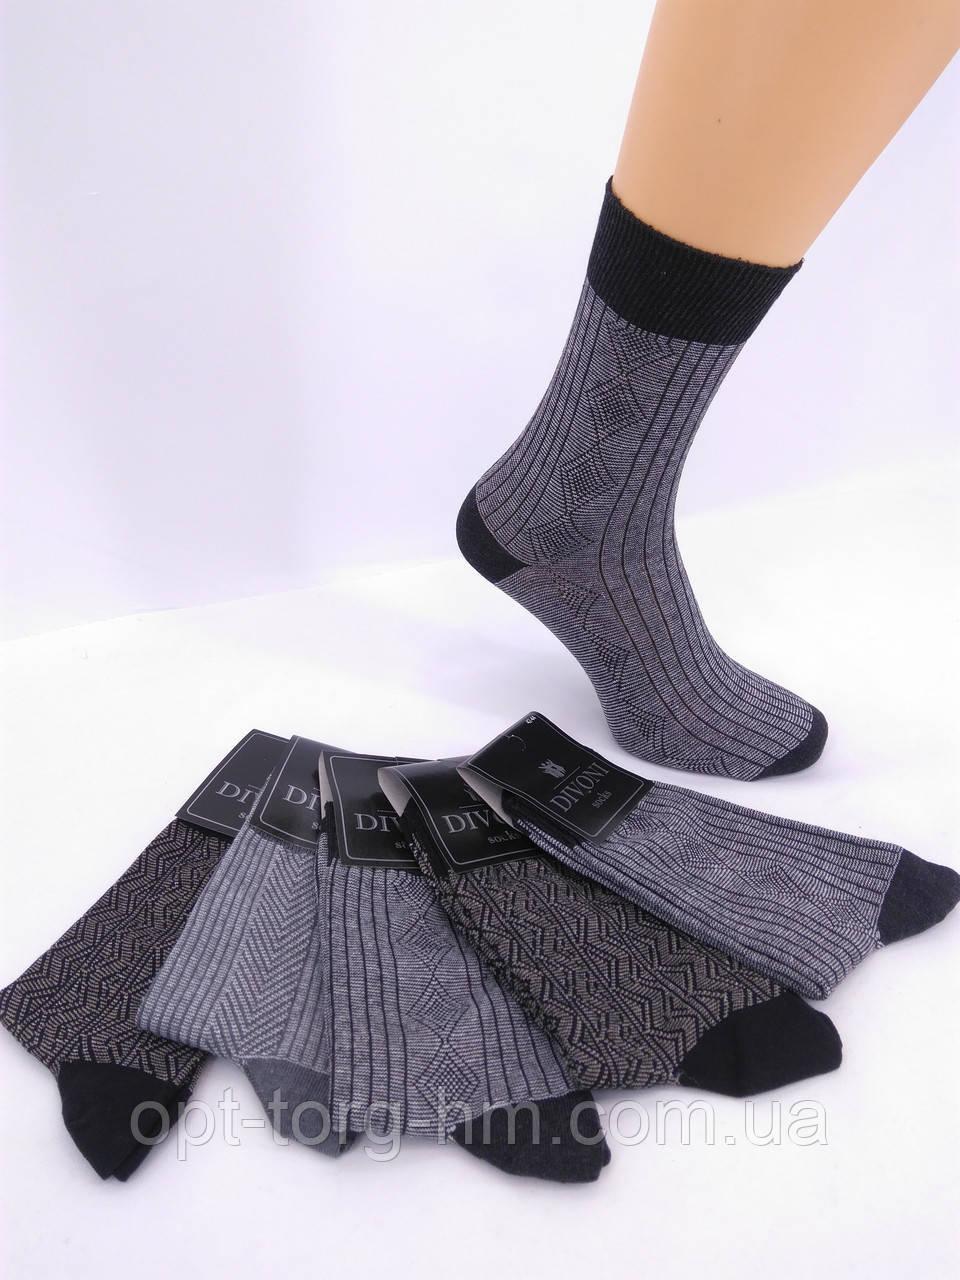 """Мужские турецкие носки """"DIVONI"""" (40-44 обувь)"""